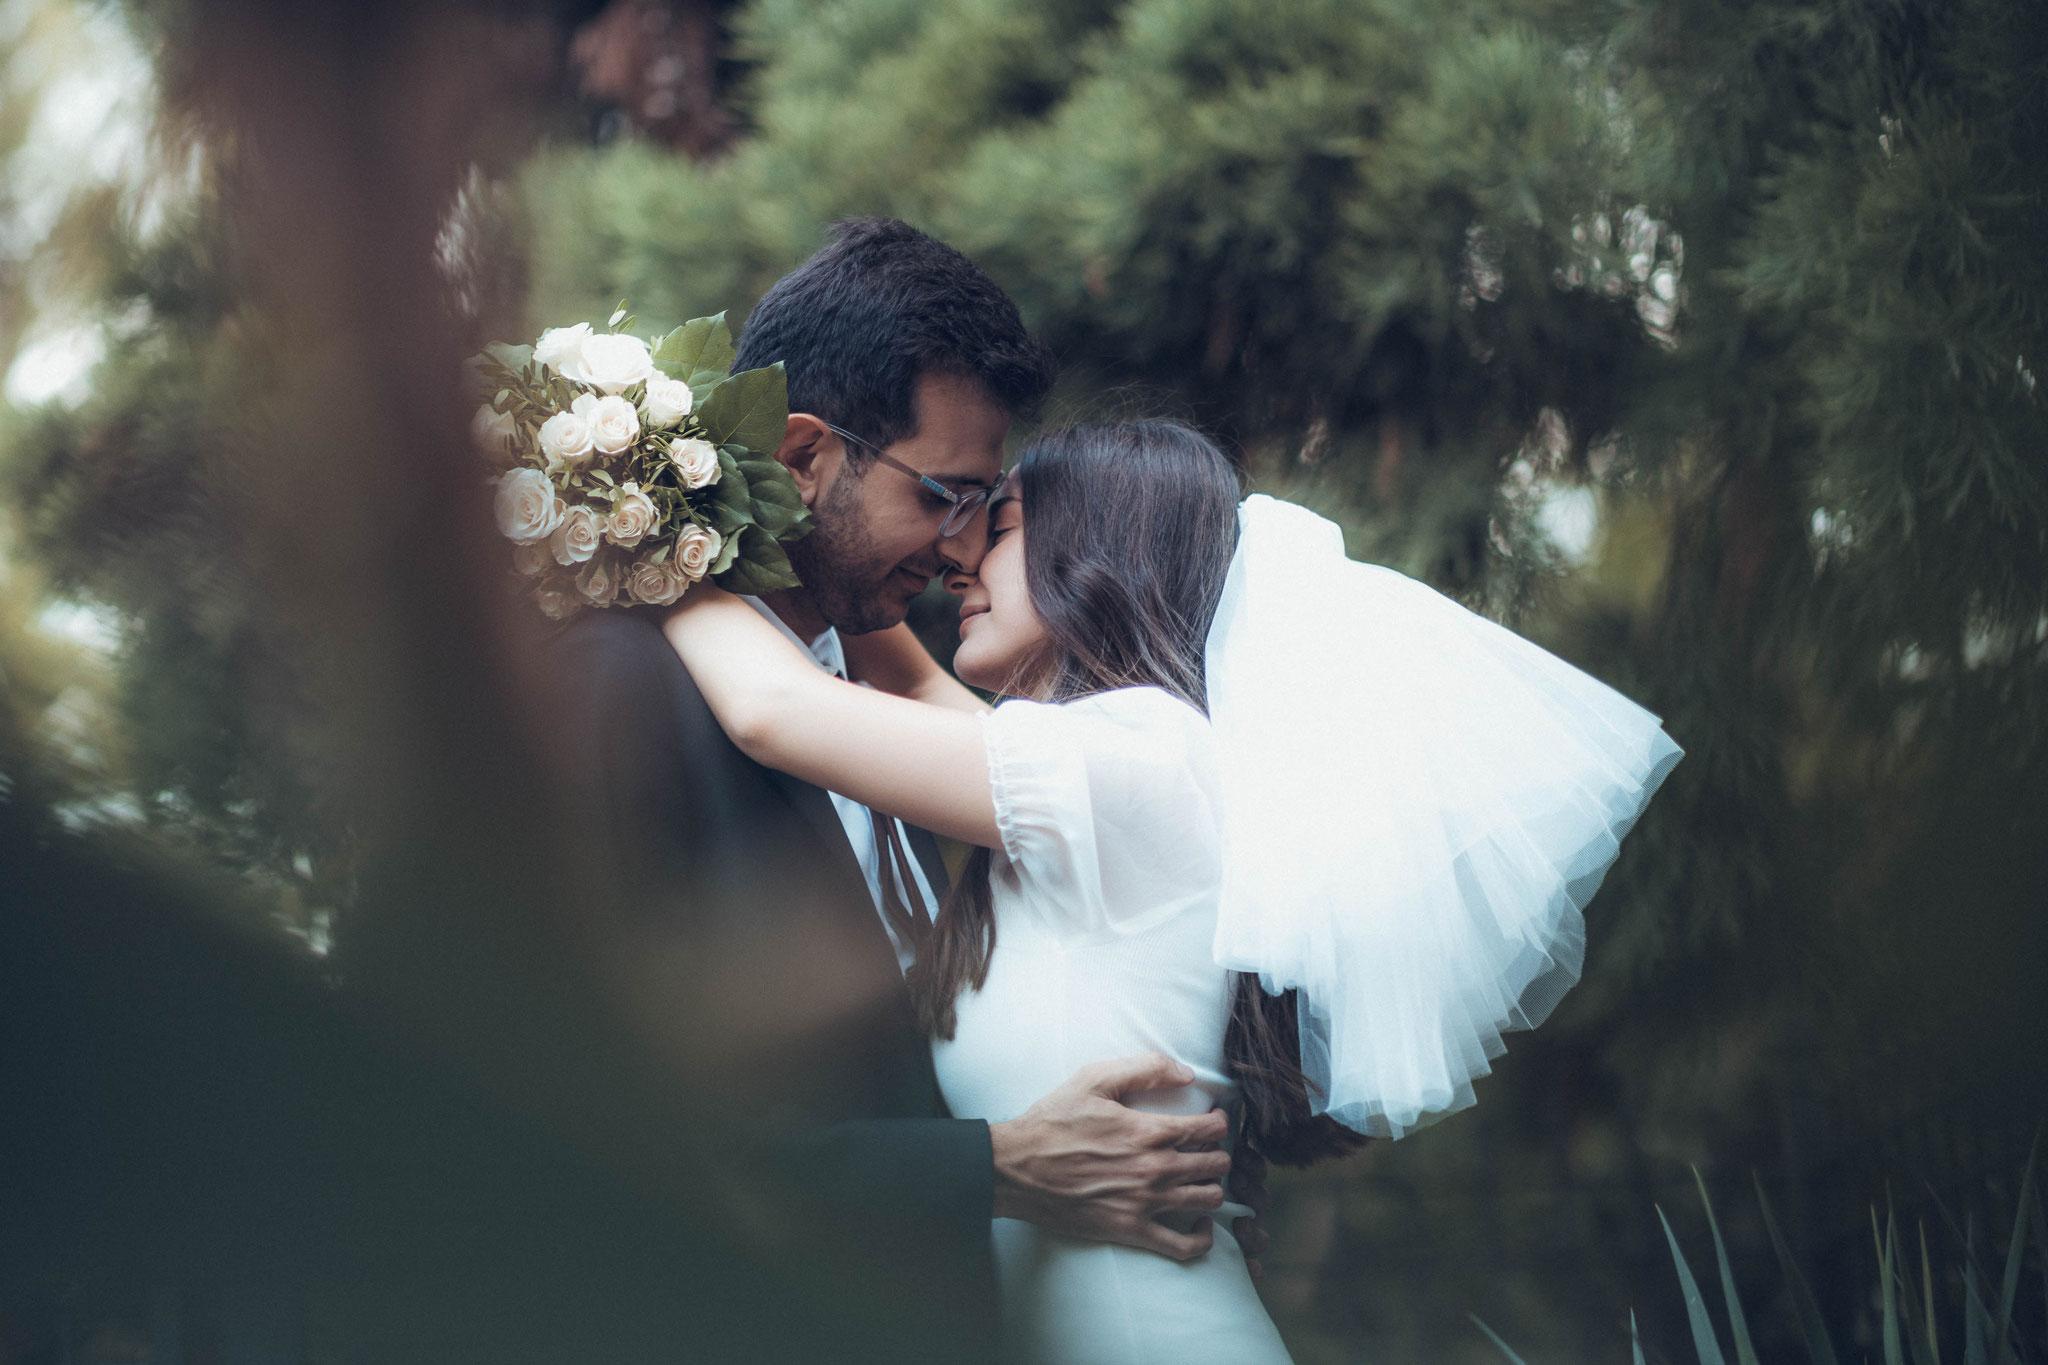 Fotograf für arabische Brautpaare und Hochzeit am Main